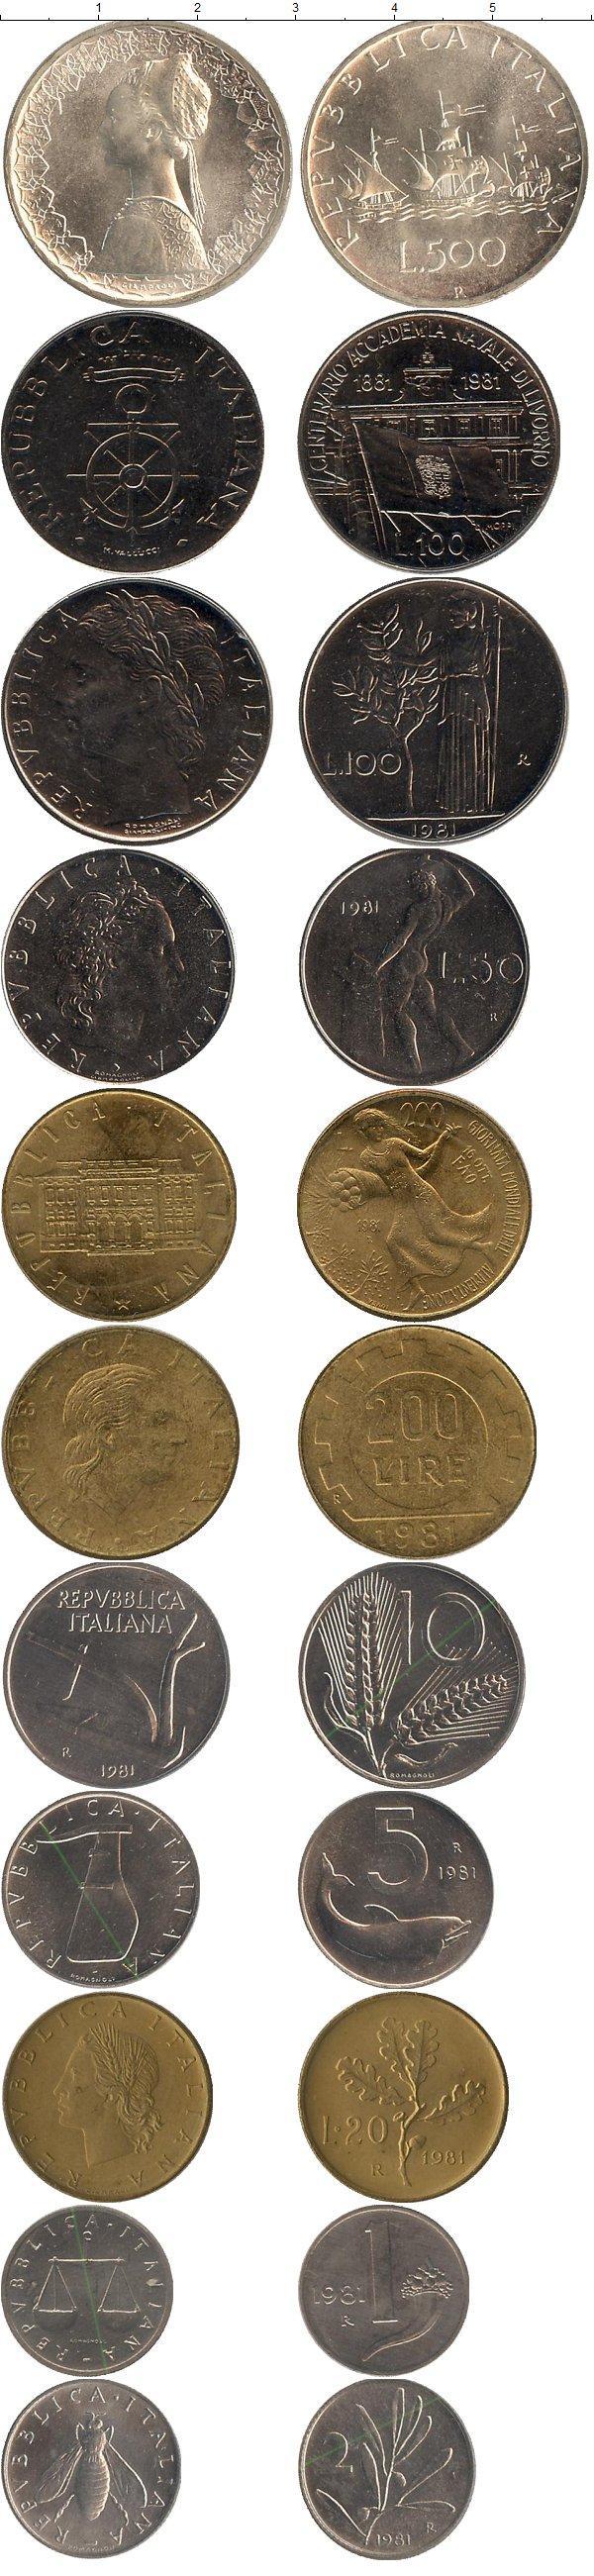 Каталог монет - Италия Выпуск 1981 года